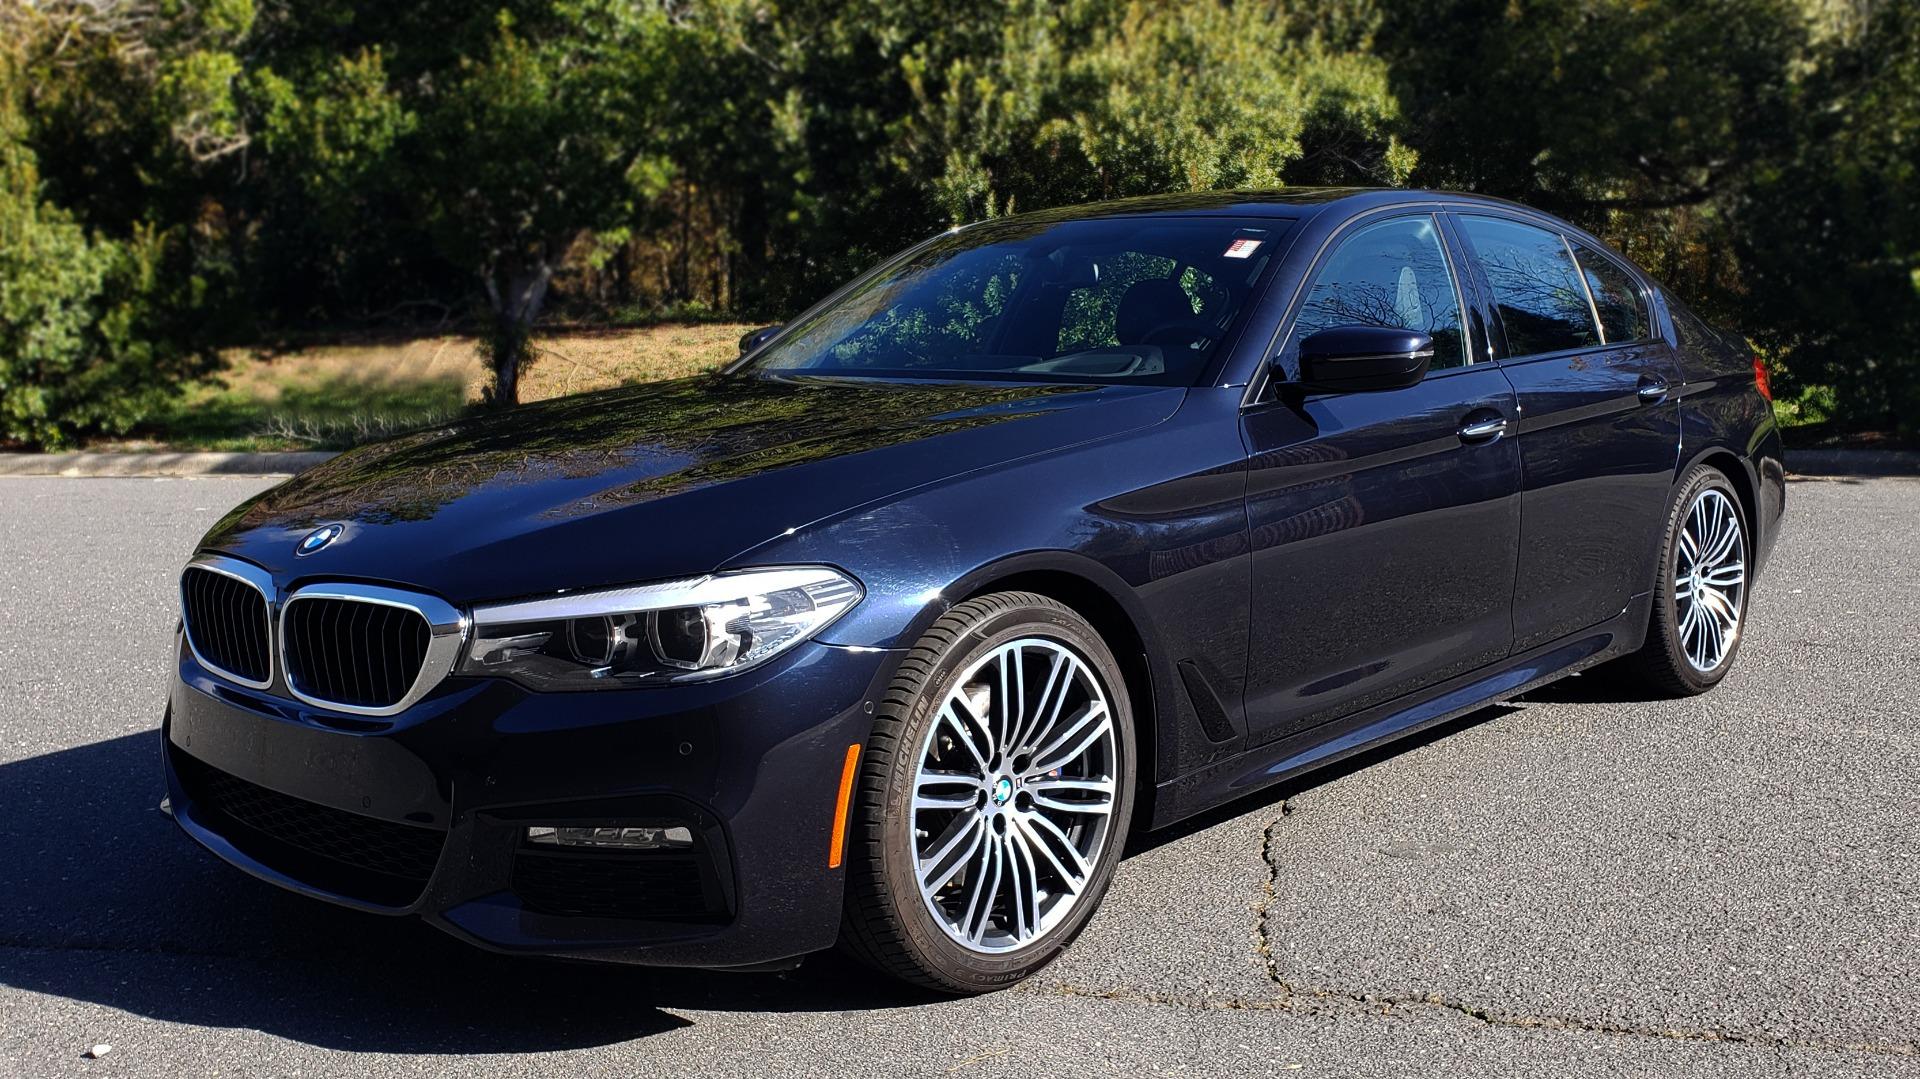 Used 2017 BMW 5 SERIES 530I M-SPORT / PREM PKG / DRVR ASST / HUD / NAV / REARVIEW for sale $33,995 at Formula Imports in Charlotte NC 28227 1